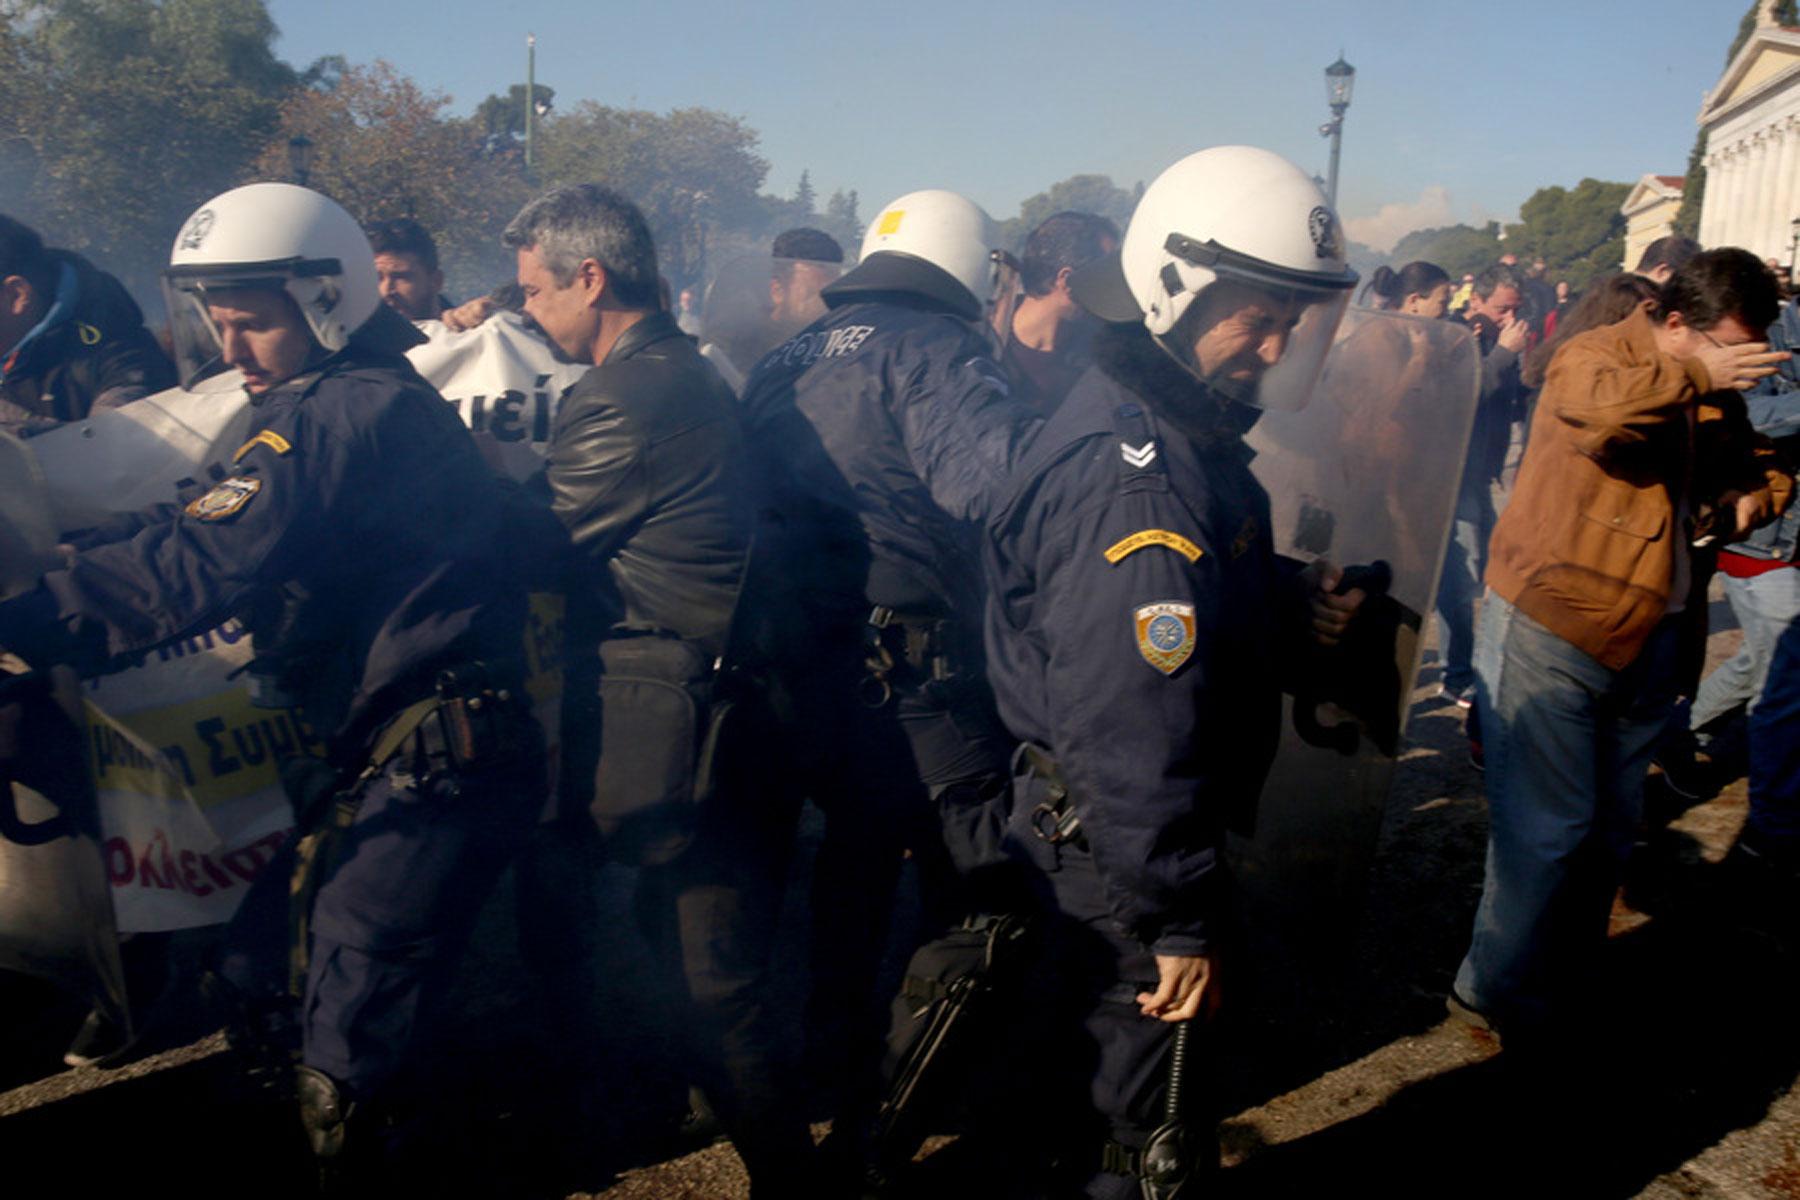 Τι λέει ο ΠΙΣ για τα επεισόδια στο Ζάππειο: «Δημοκράτες» νοσοκομειακοί γιατροί μας φίμωσαν - Φωτογραφία 8